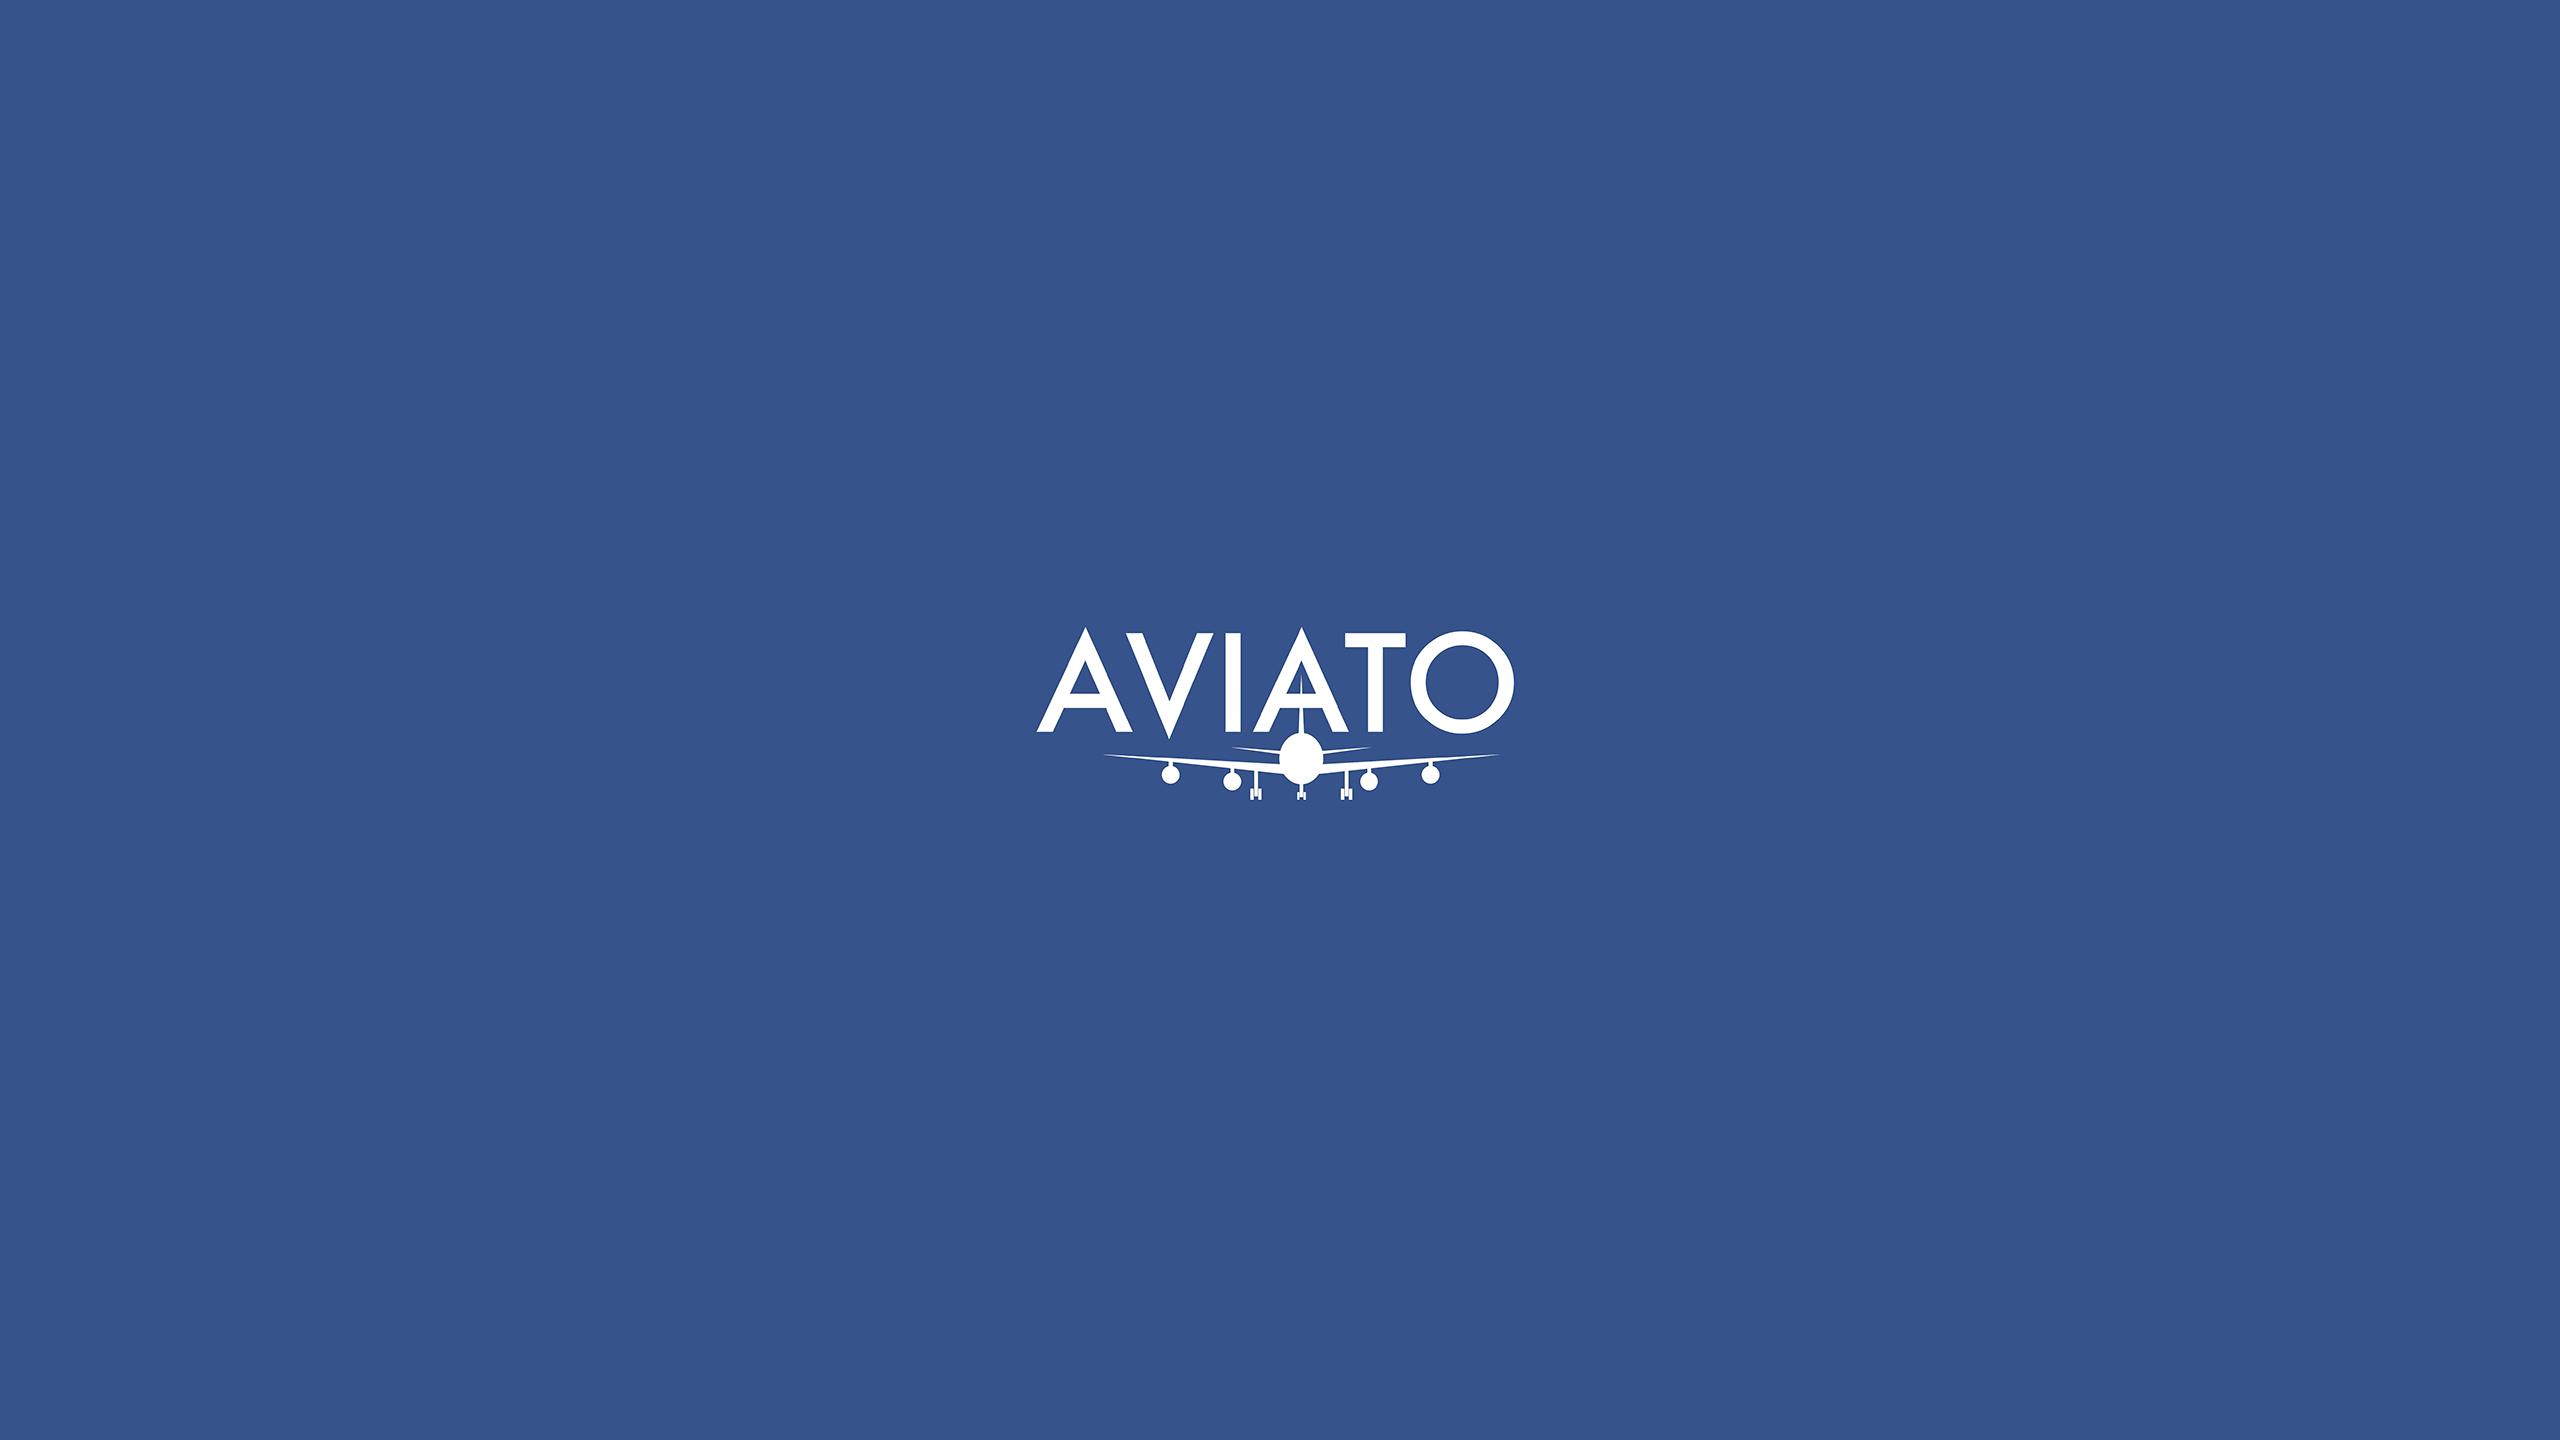 Silicon Valley - Aviato